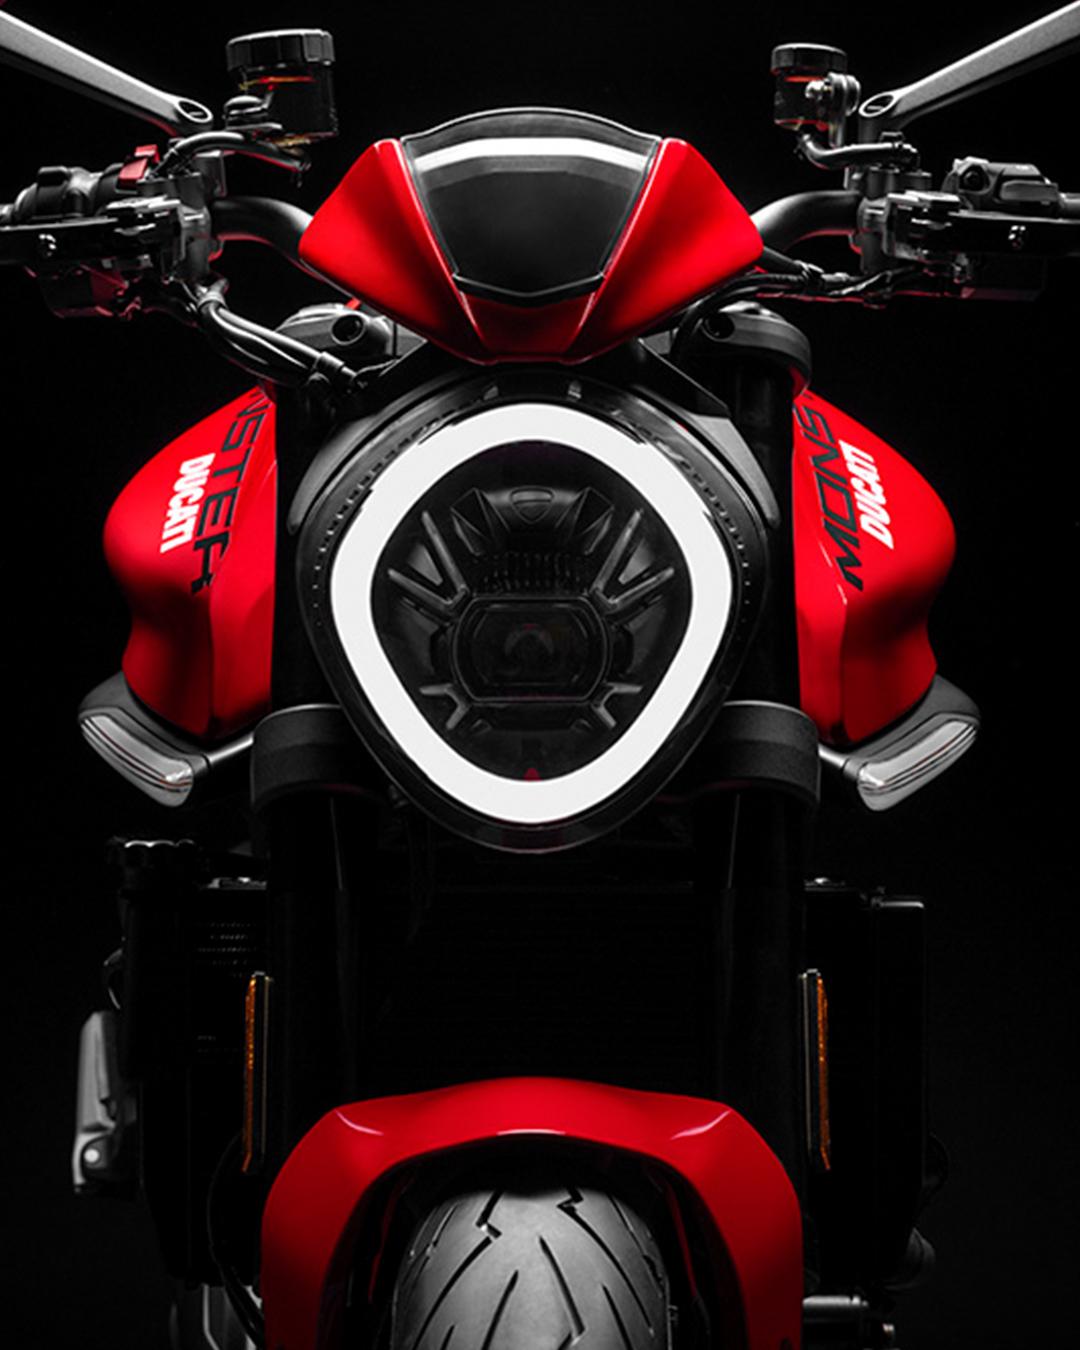 Ducati_IG_0212_Post_01_d_UC214711